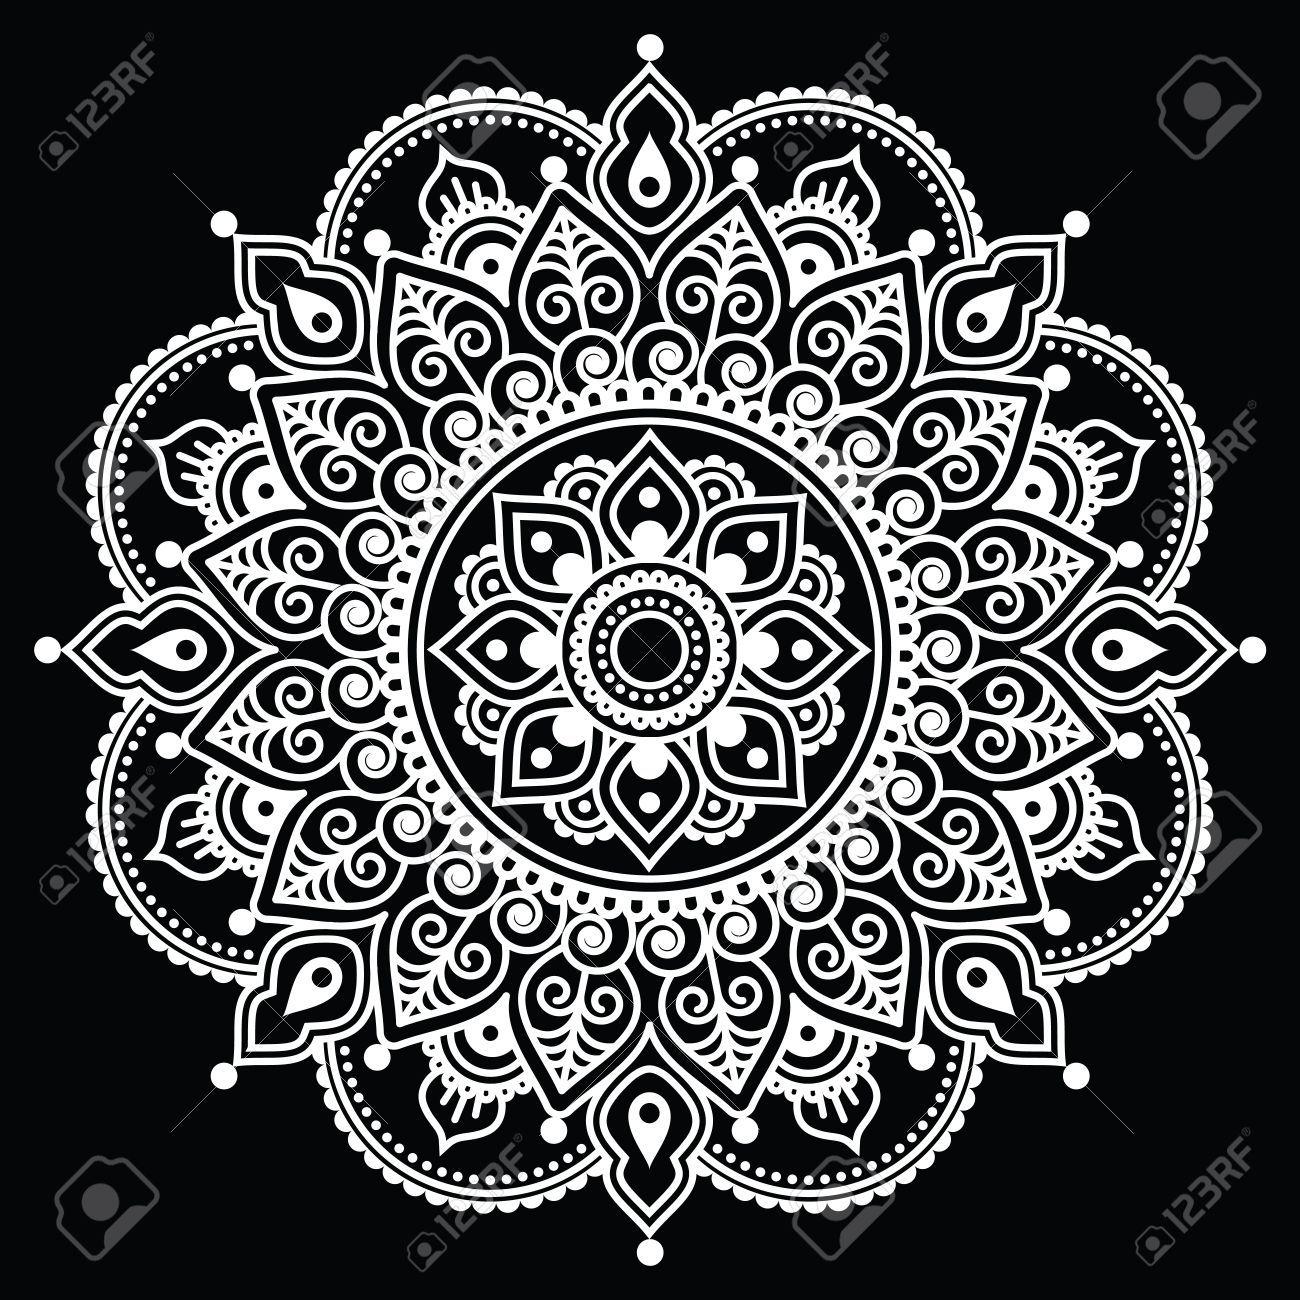 mehndi indischen henna tattoo wei muster auf schwarzem. Black Bedroom Furniture Sets. Home Design Ideas